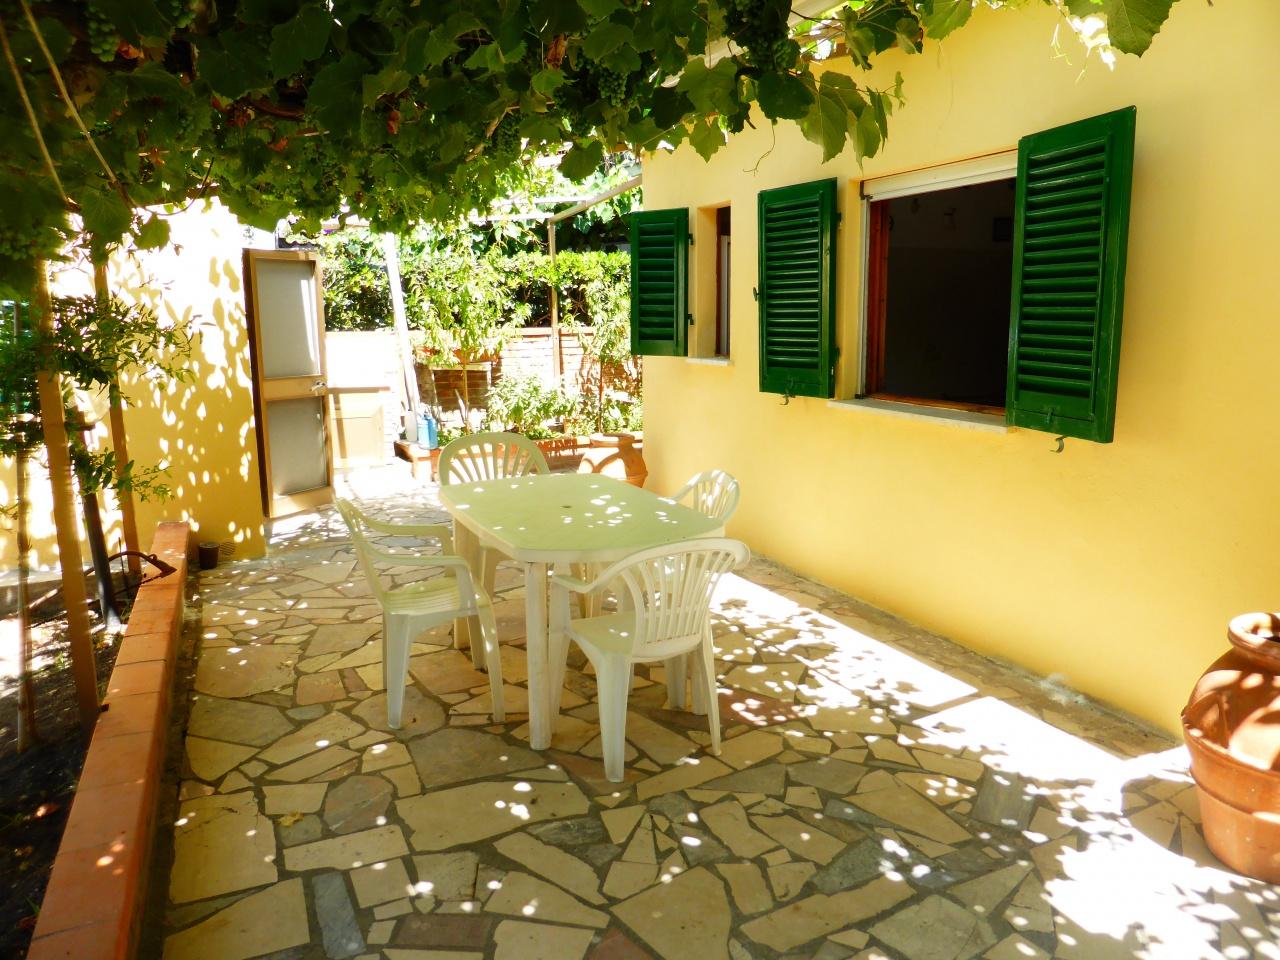 affitto appartamento follonica senzuno Via Montanara  5 locali  90 mq